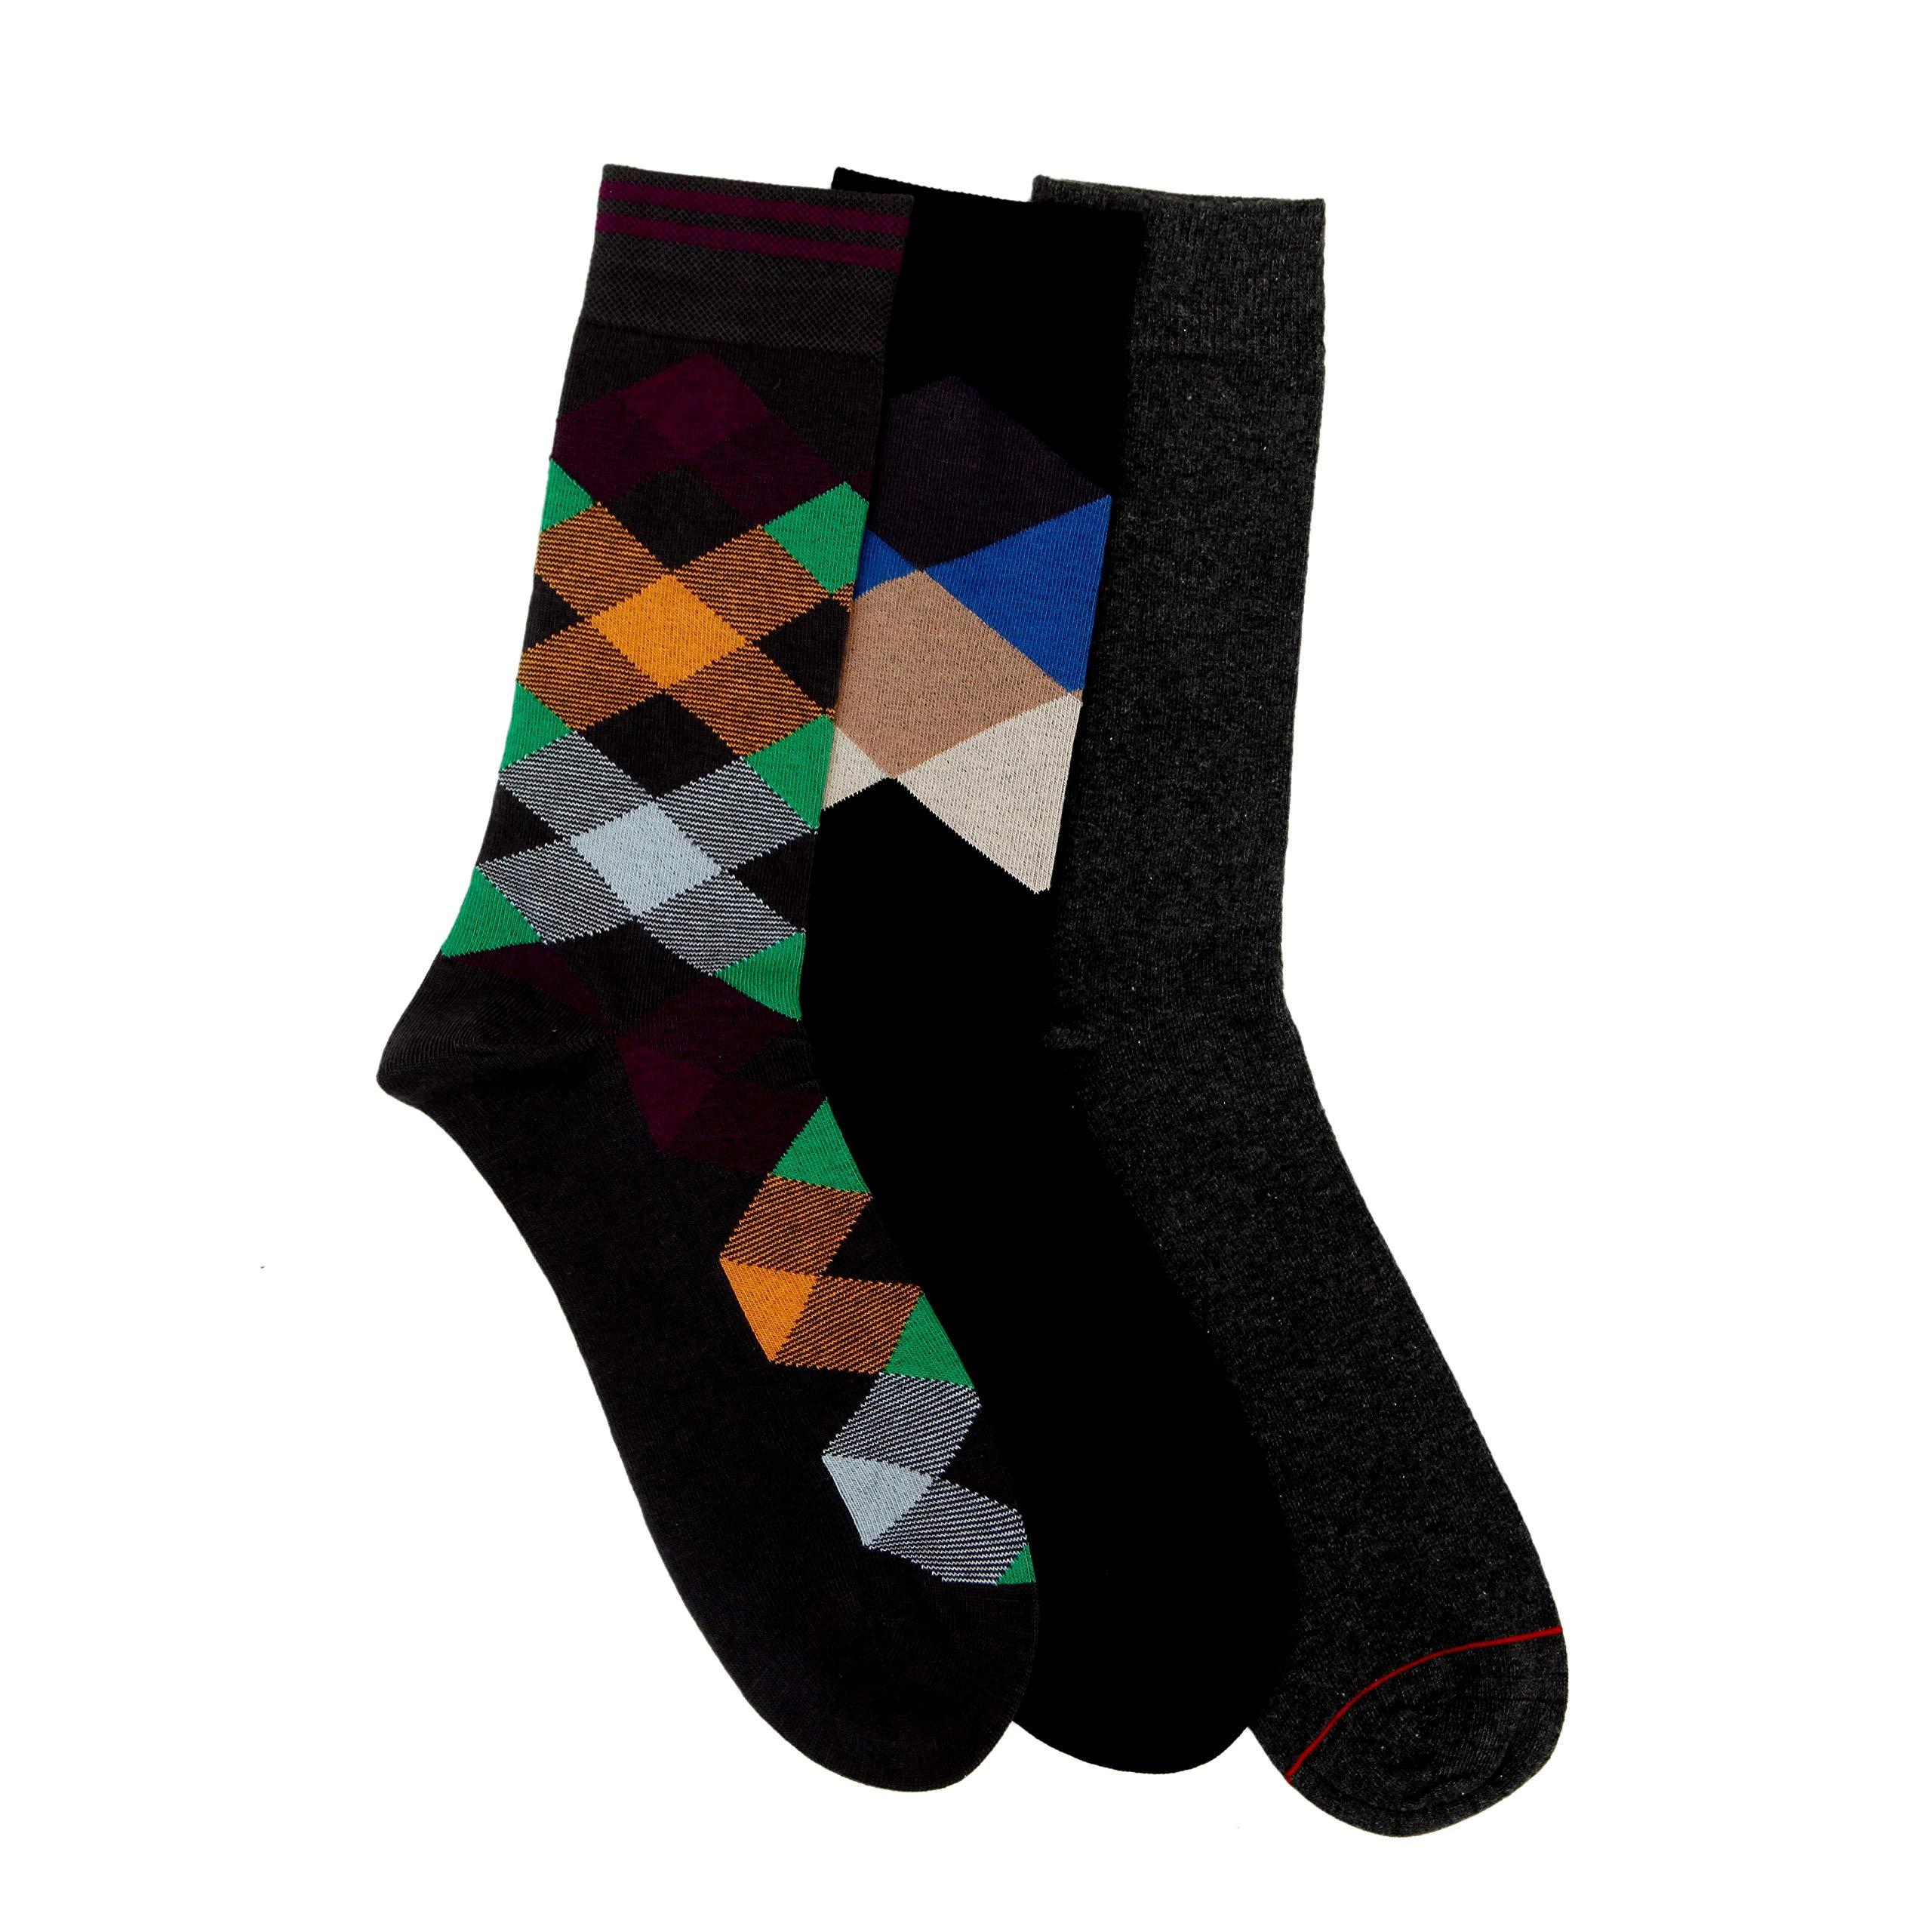 Soxytoes Men's Socks - Free Size, Corporate Novelty Calf Socks Black & Multicolor for Men, Pack of 3 (Storm)